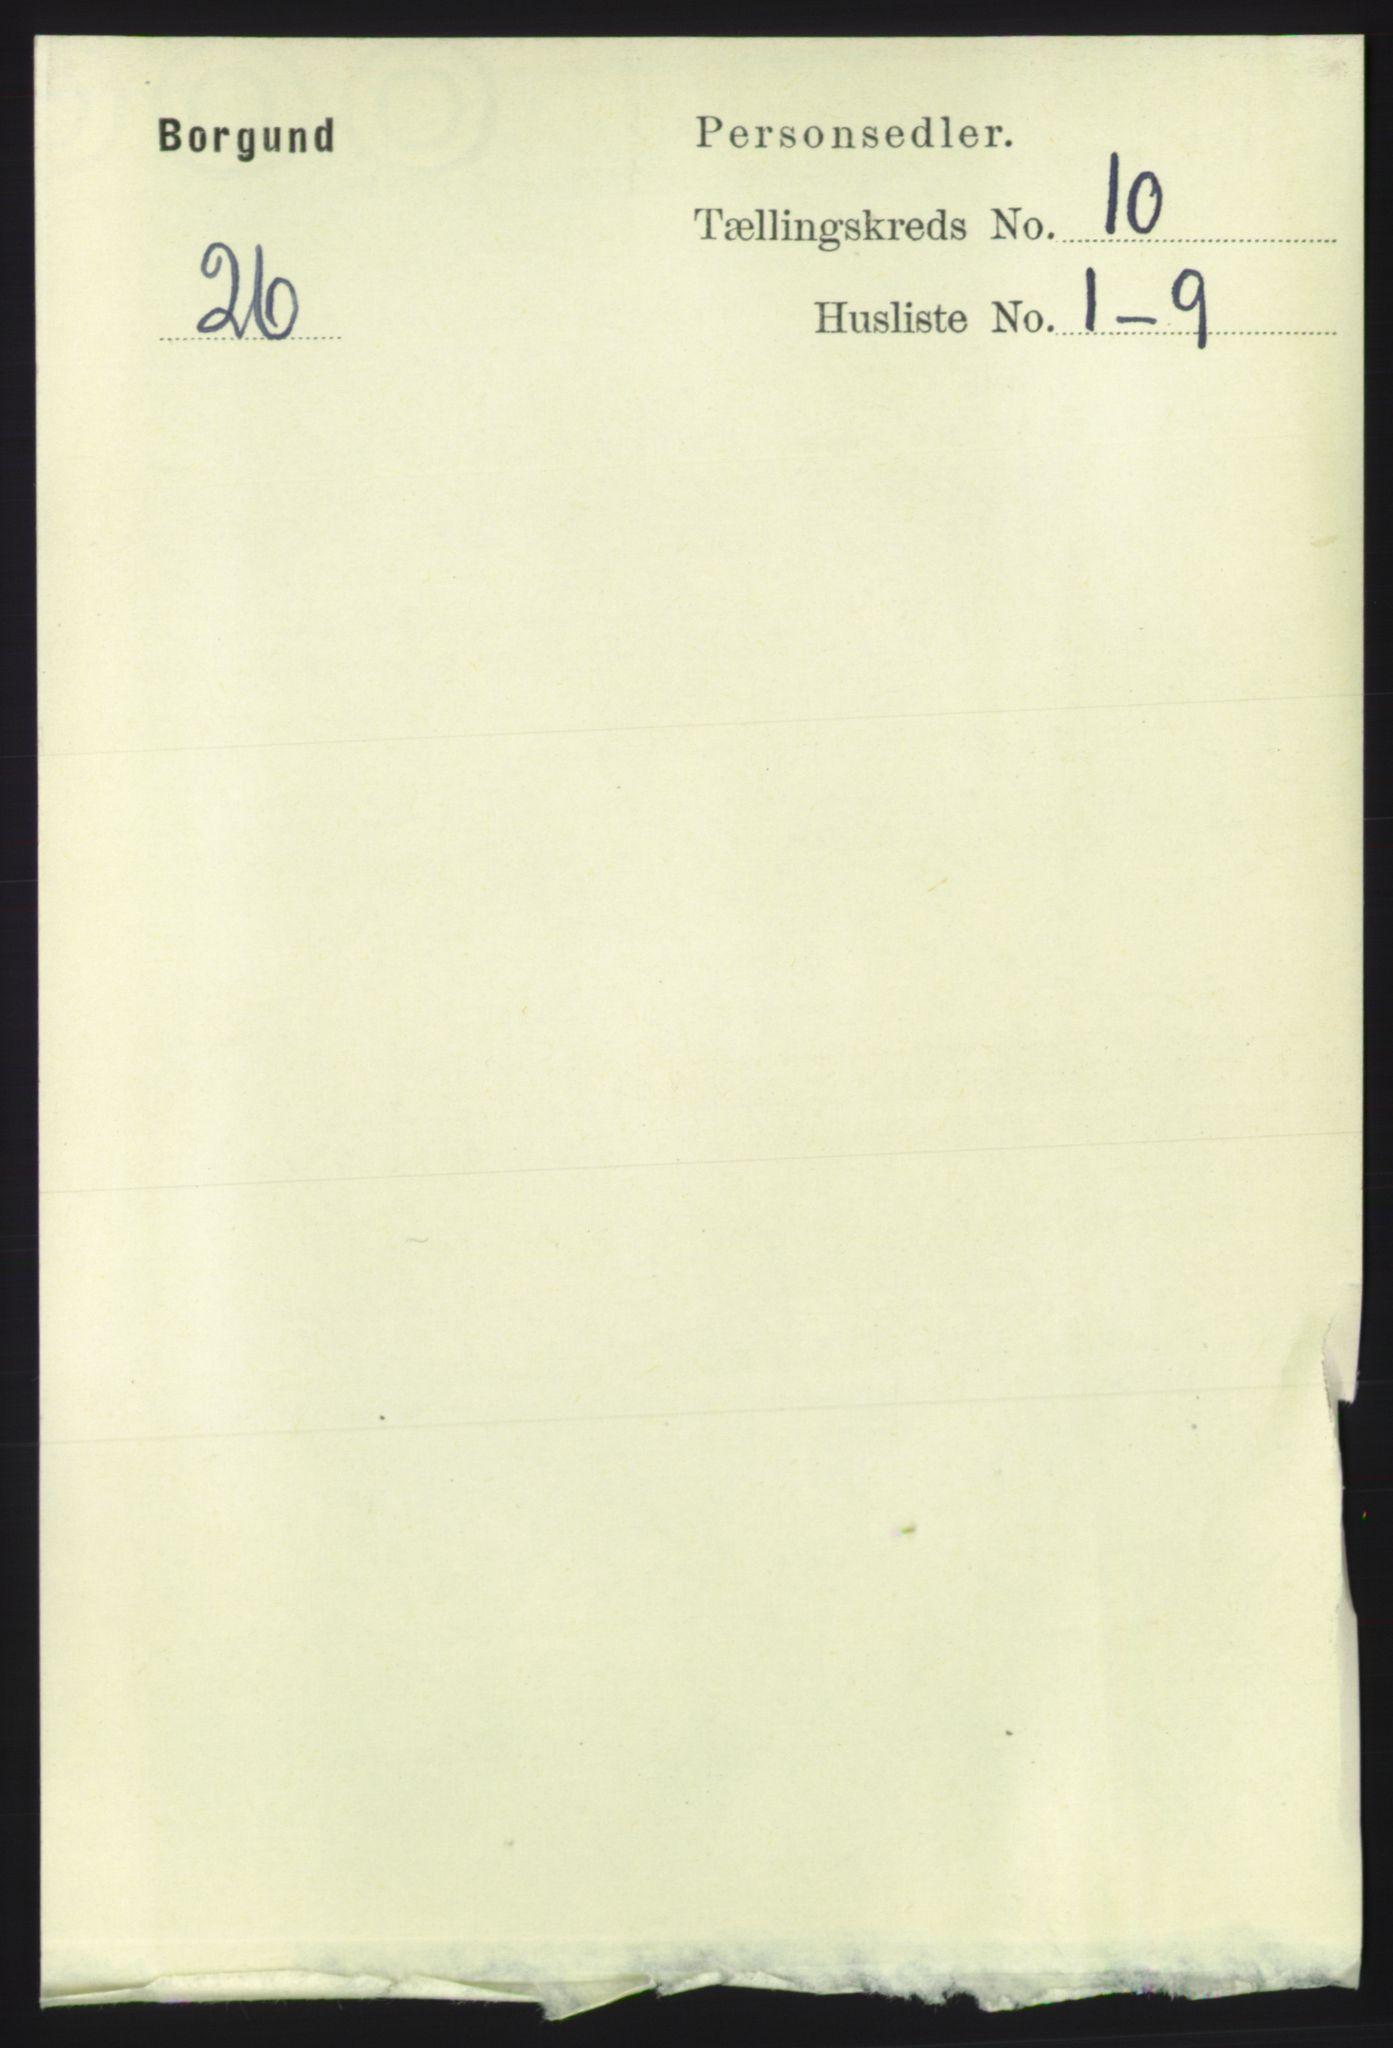 RA, Folketelling 1891 for 1531 Borgund herred, 1891, s. 2624